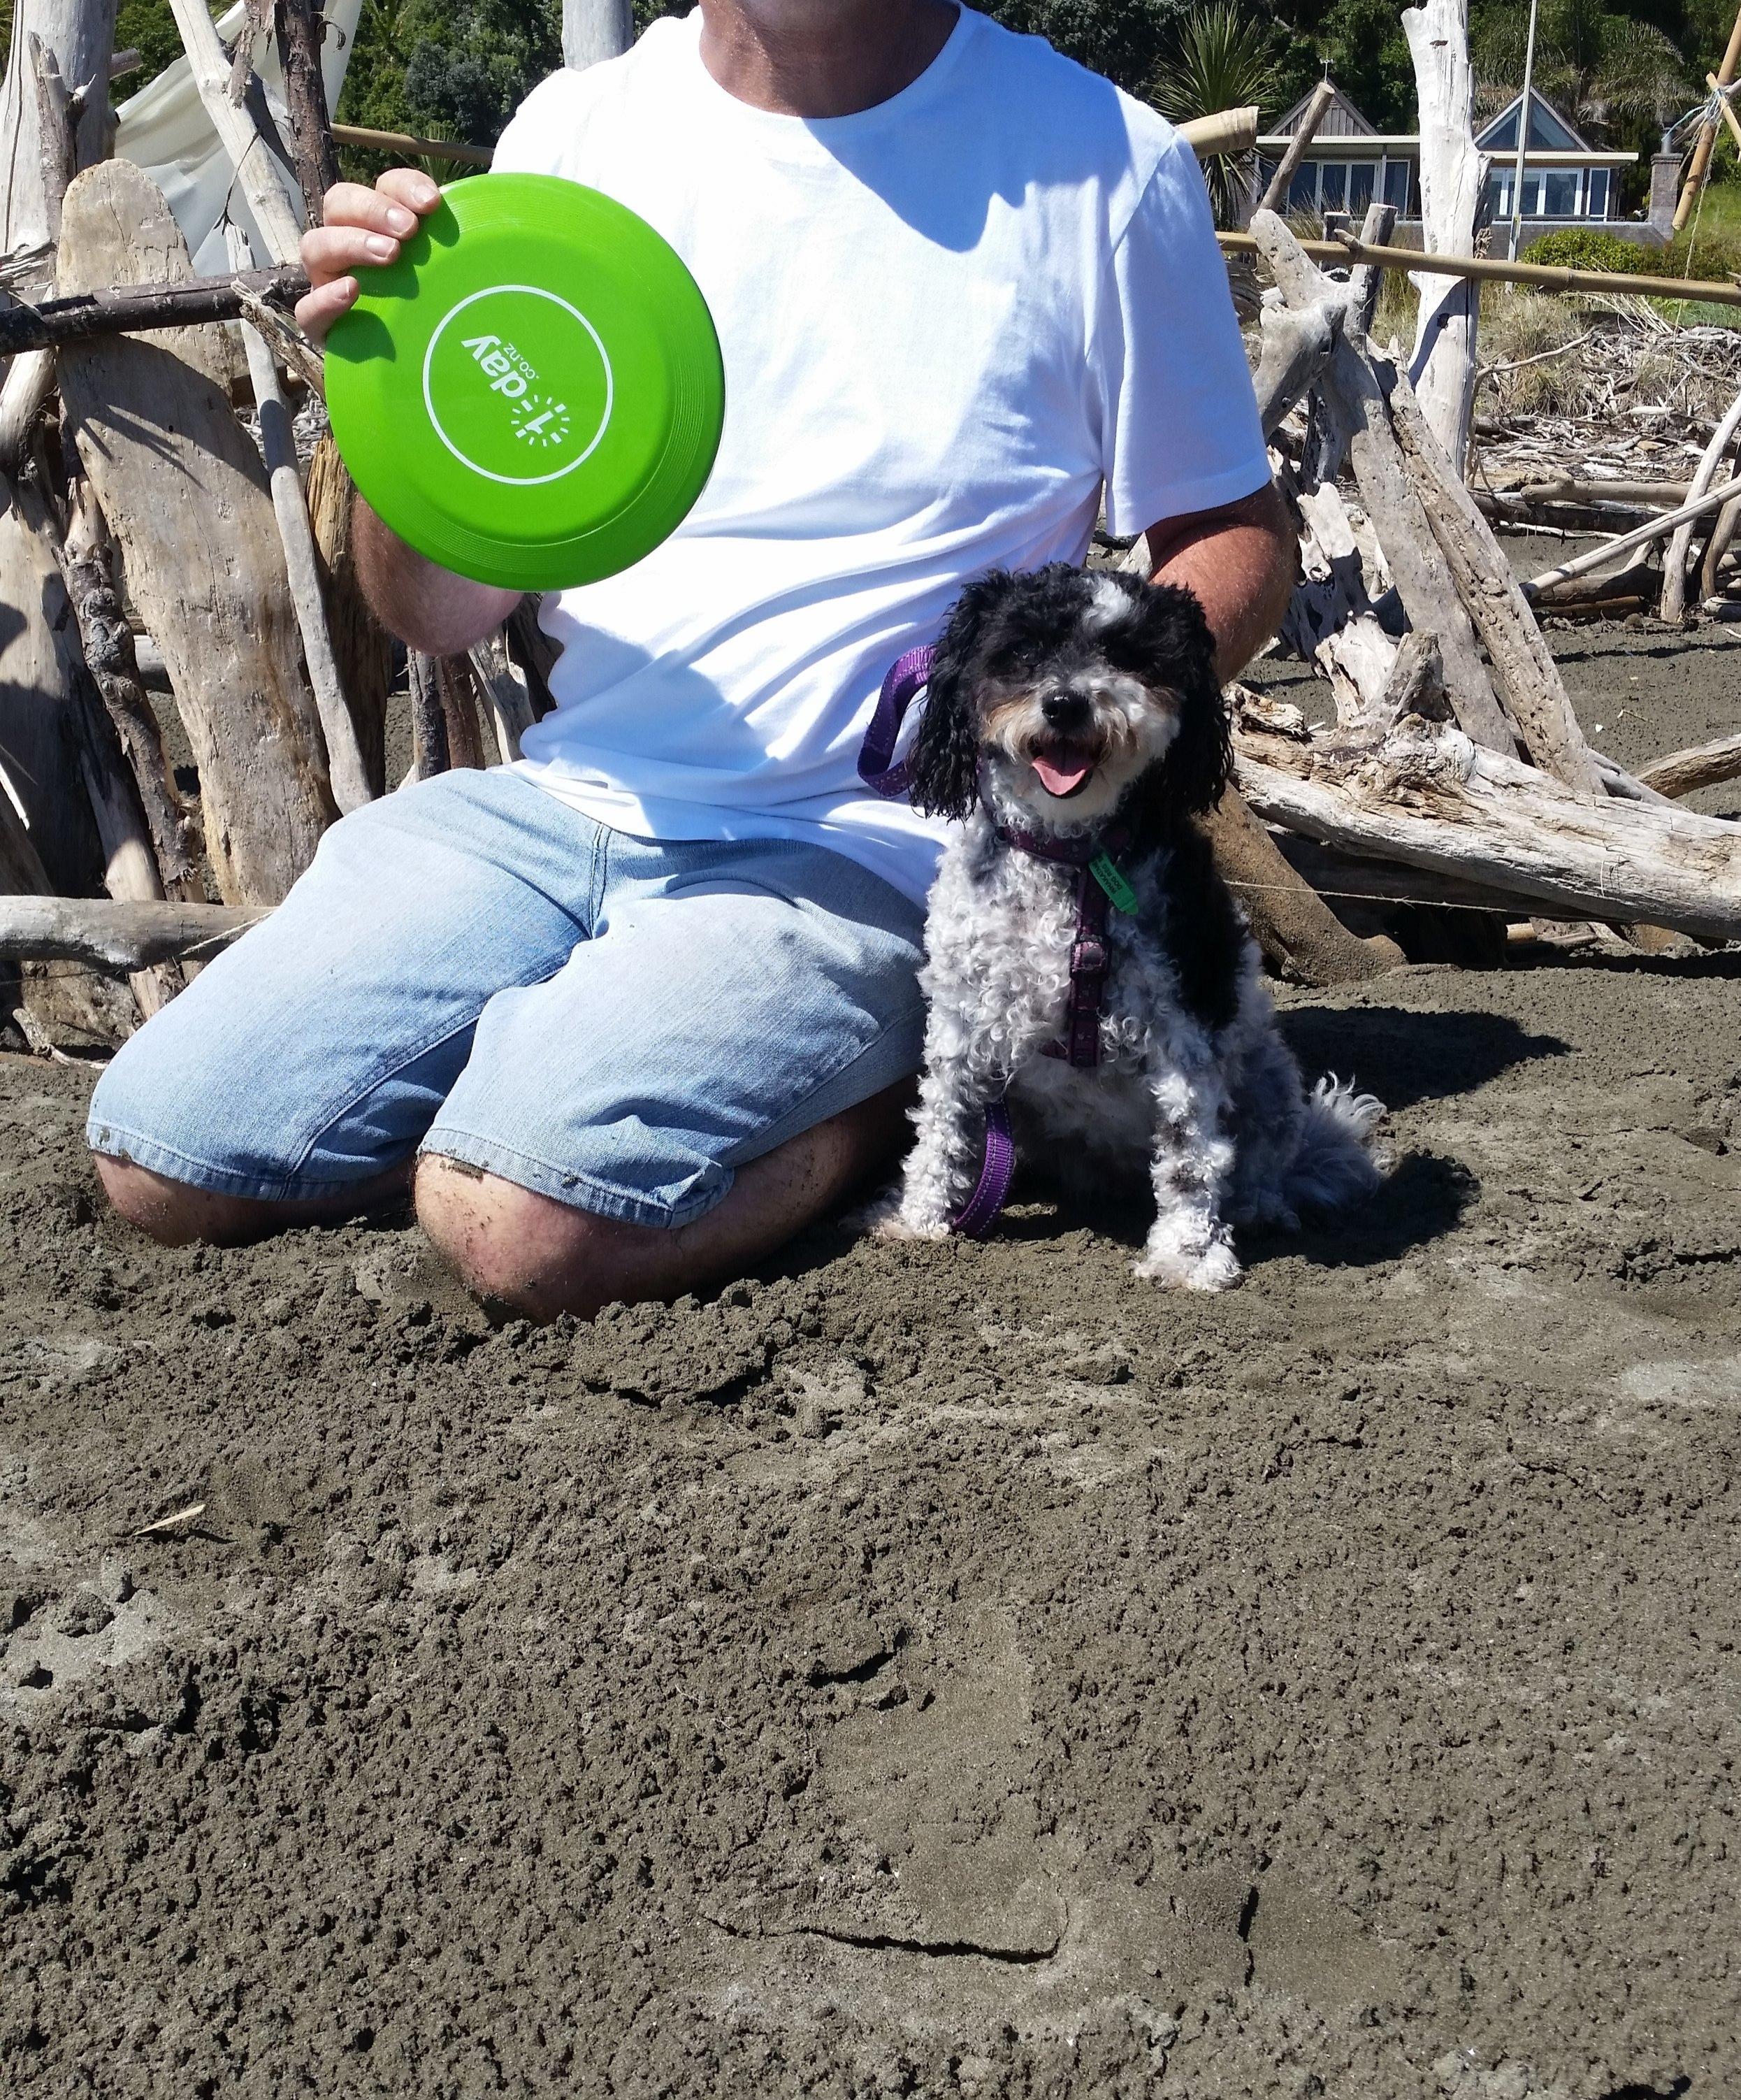 Doggos new frisbee